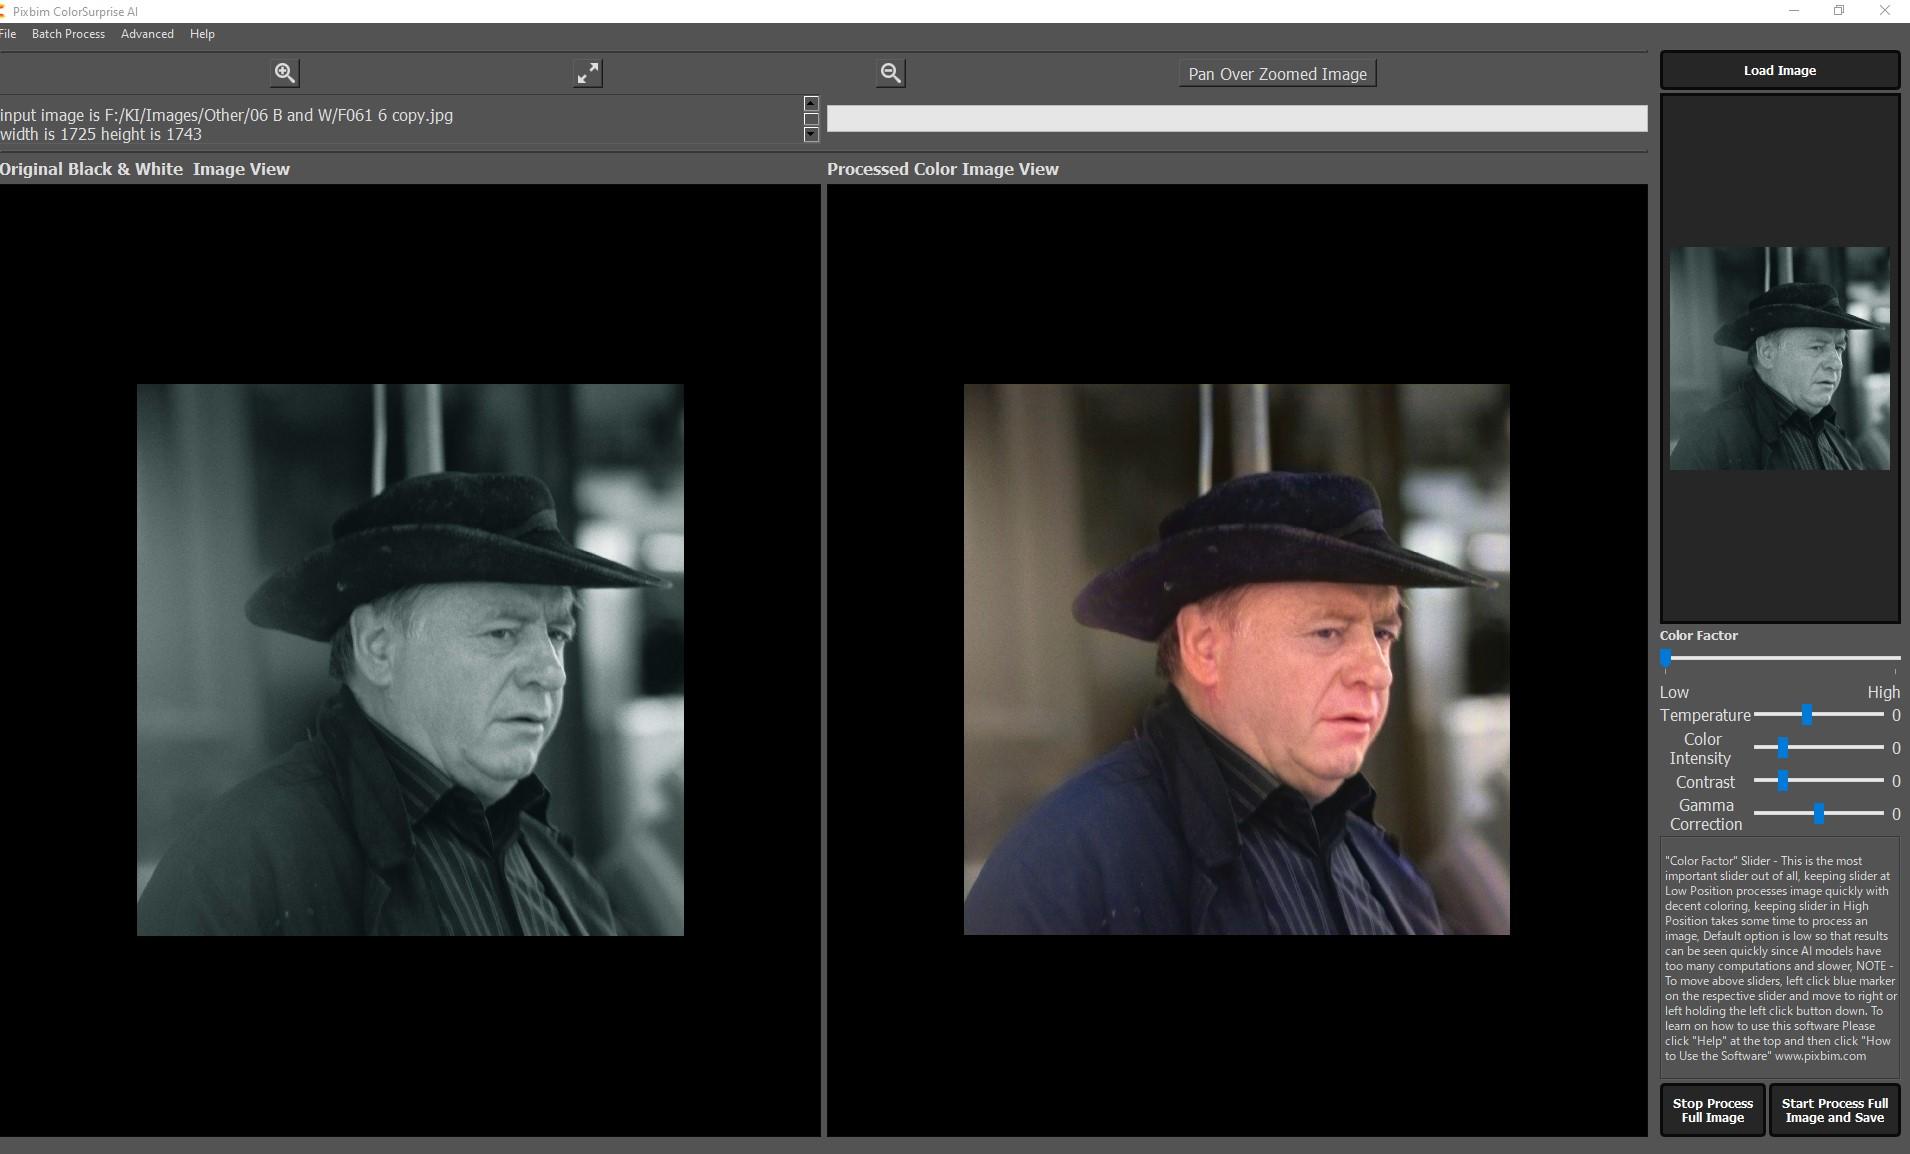 ColorSurprise AI Katin Images